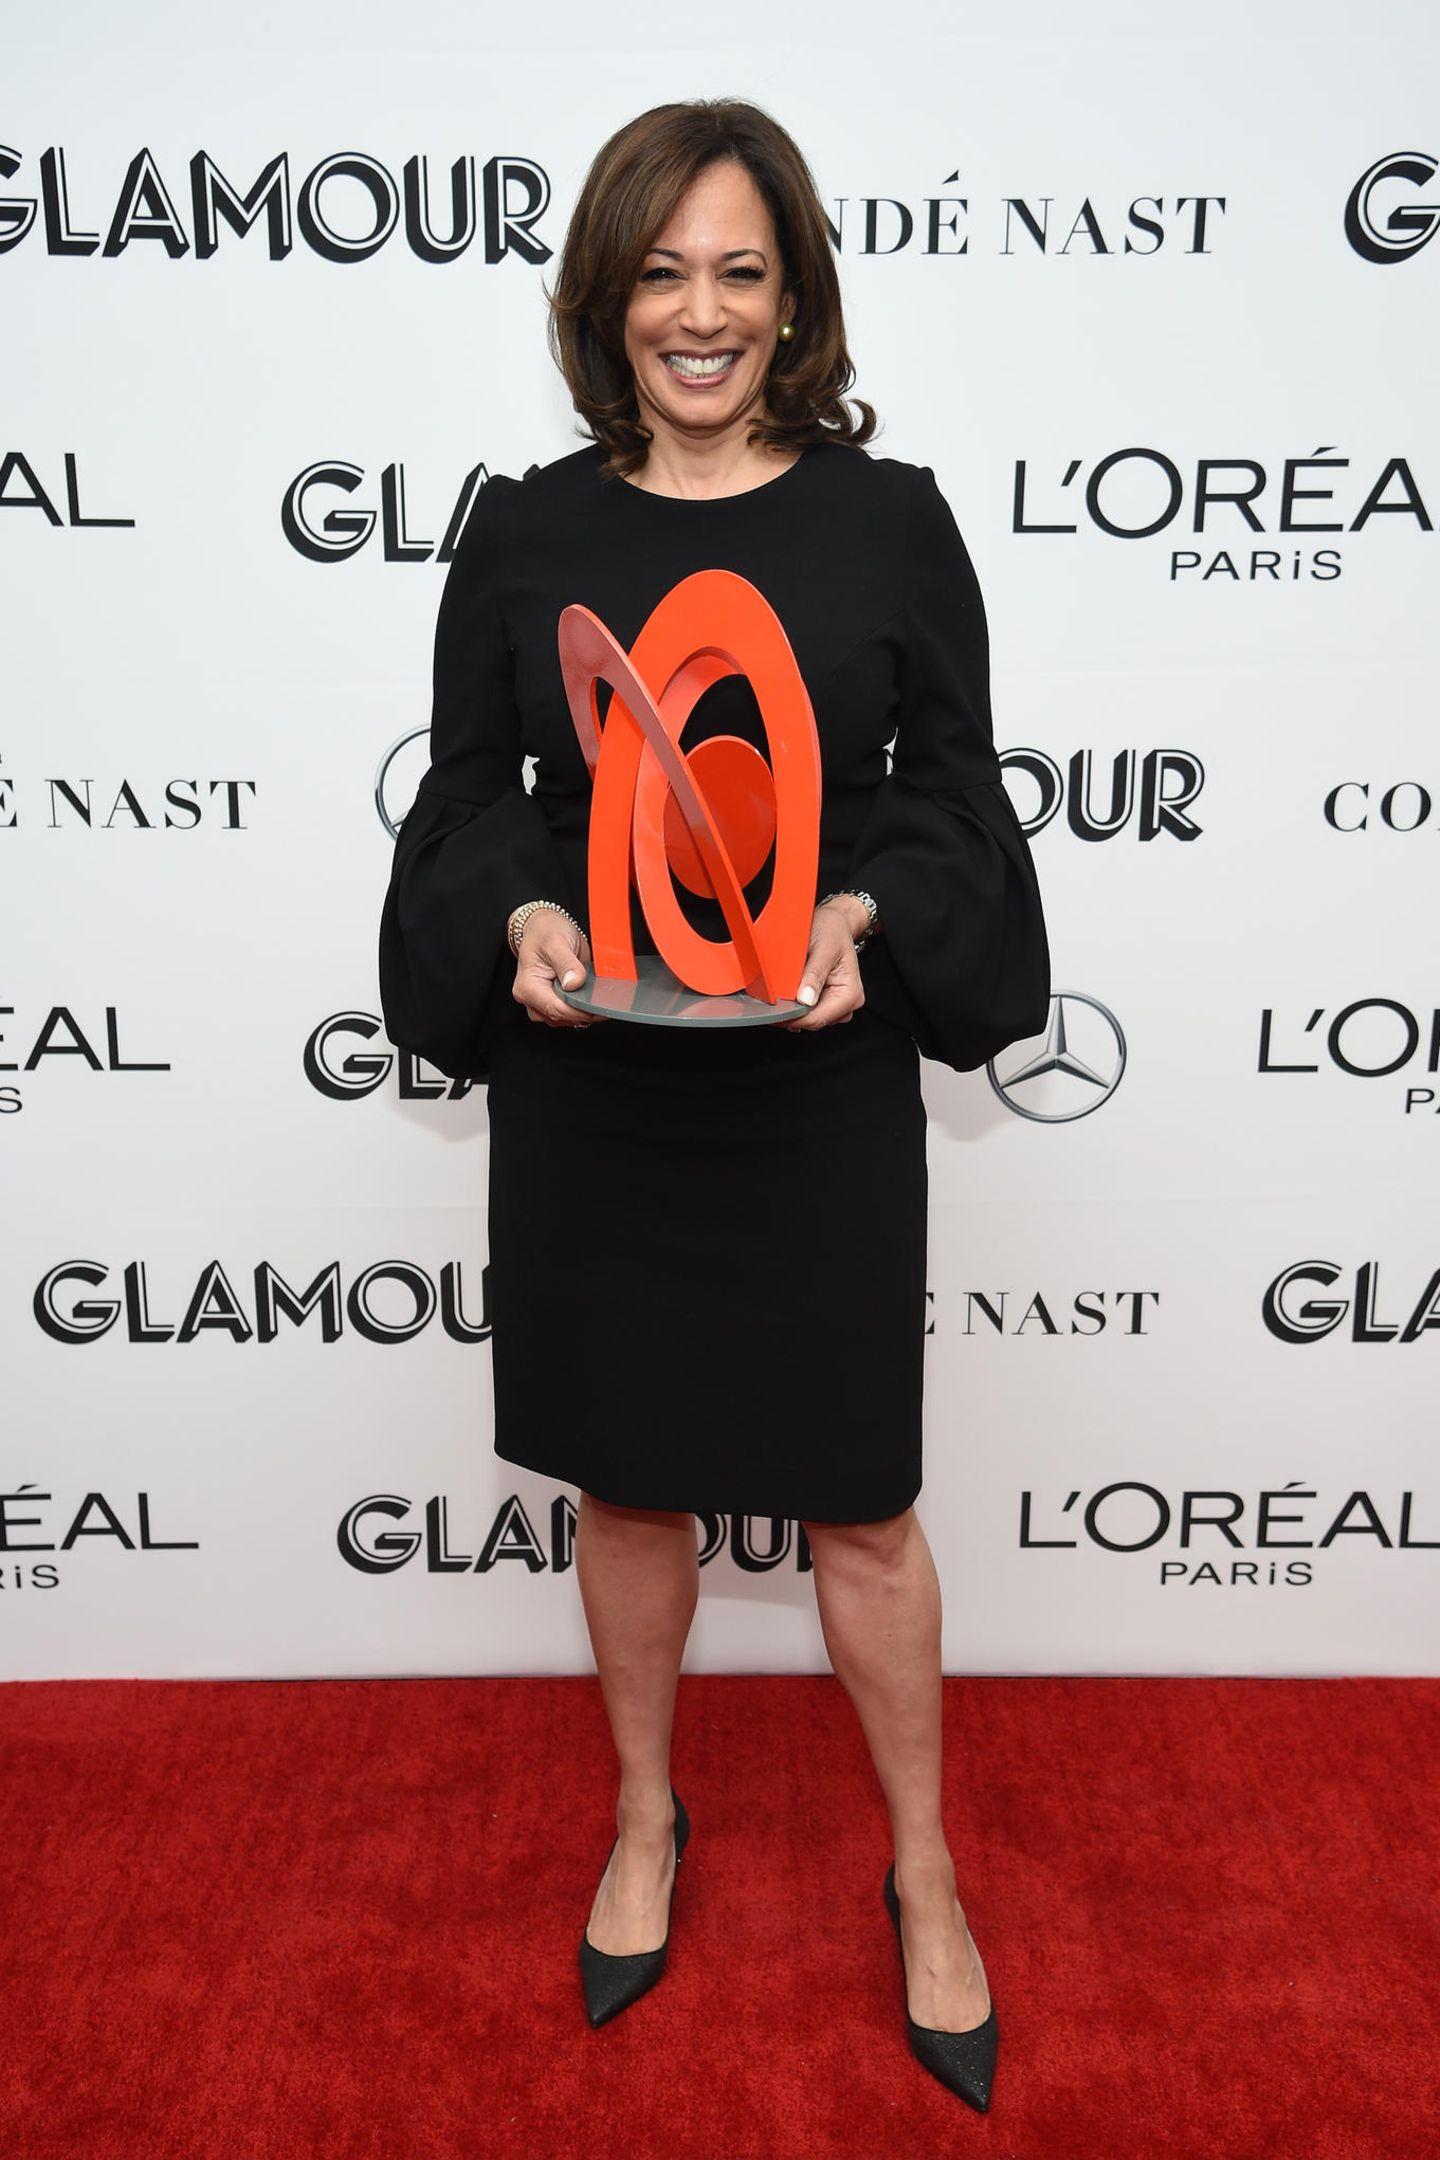 """Bei denGlamour """"Women Of The Year""""-Awards im November 2018 hat die zukünftige Vizepräsidentin allen Grund zum Strahlen. In einem schwarzen, knielangen Kleid mit Ballonärmeln nimmt sie die Auszeichnung als Frau des Jahres entgegen."""